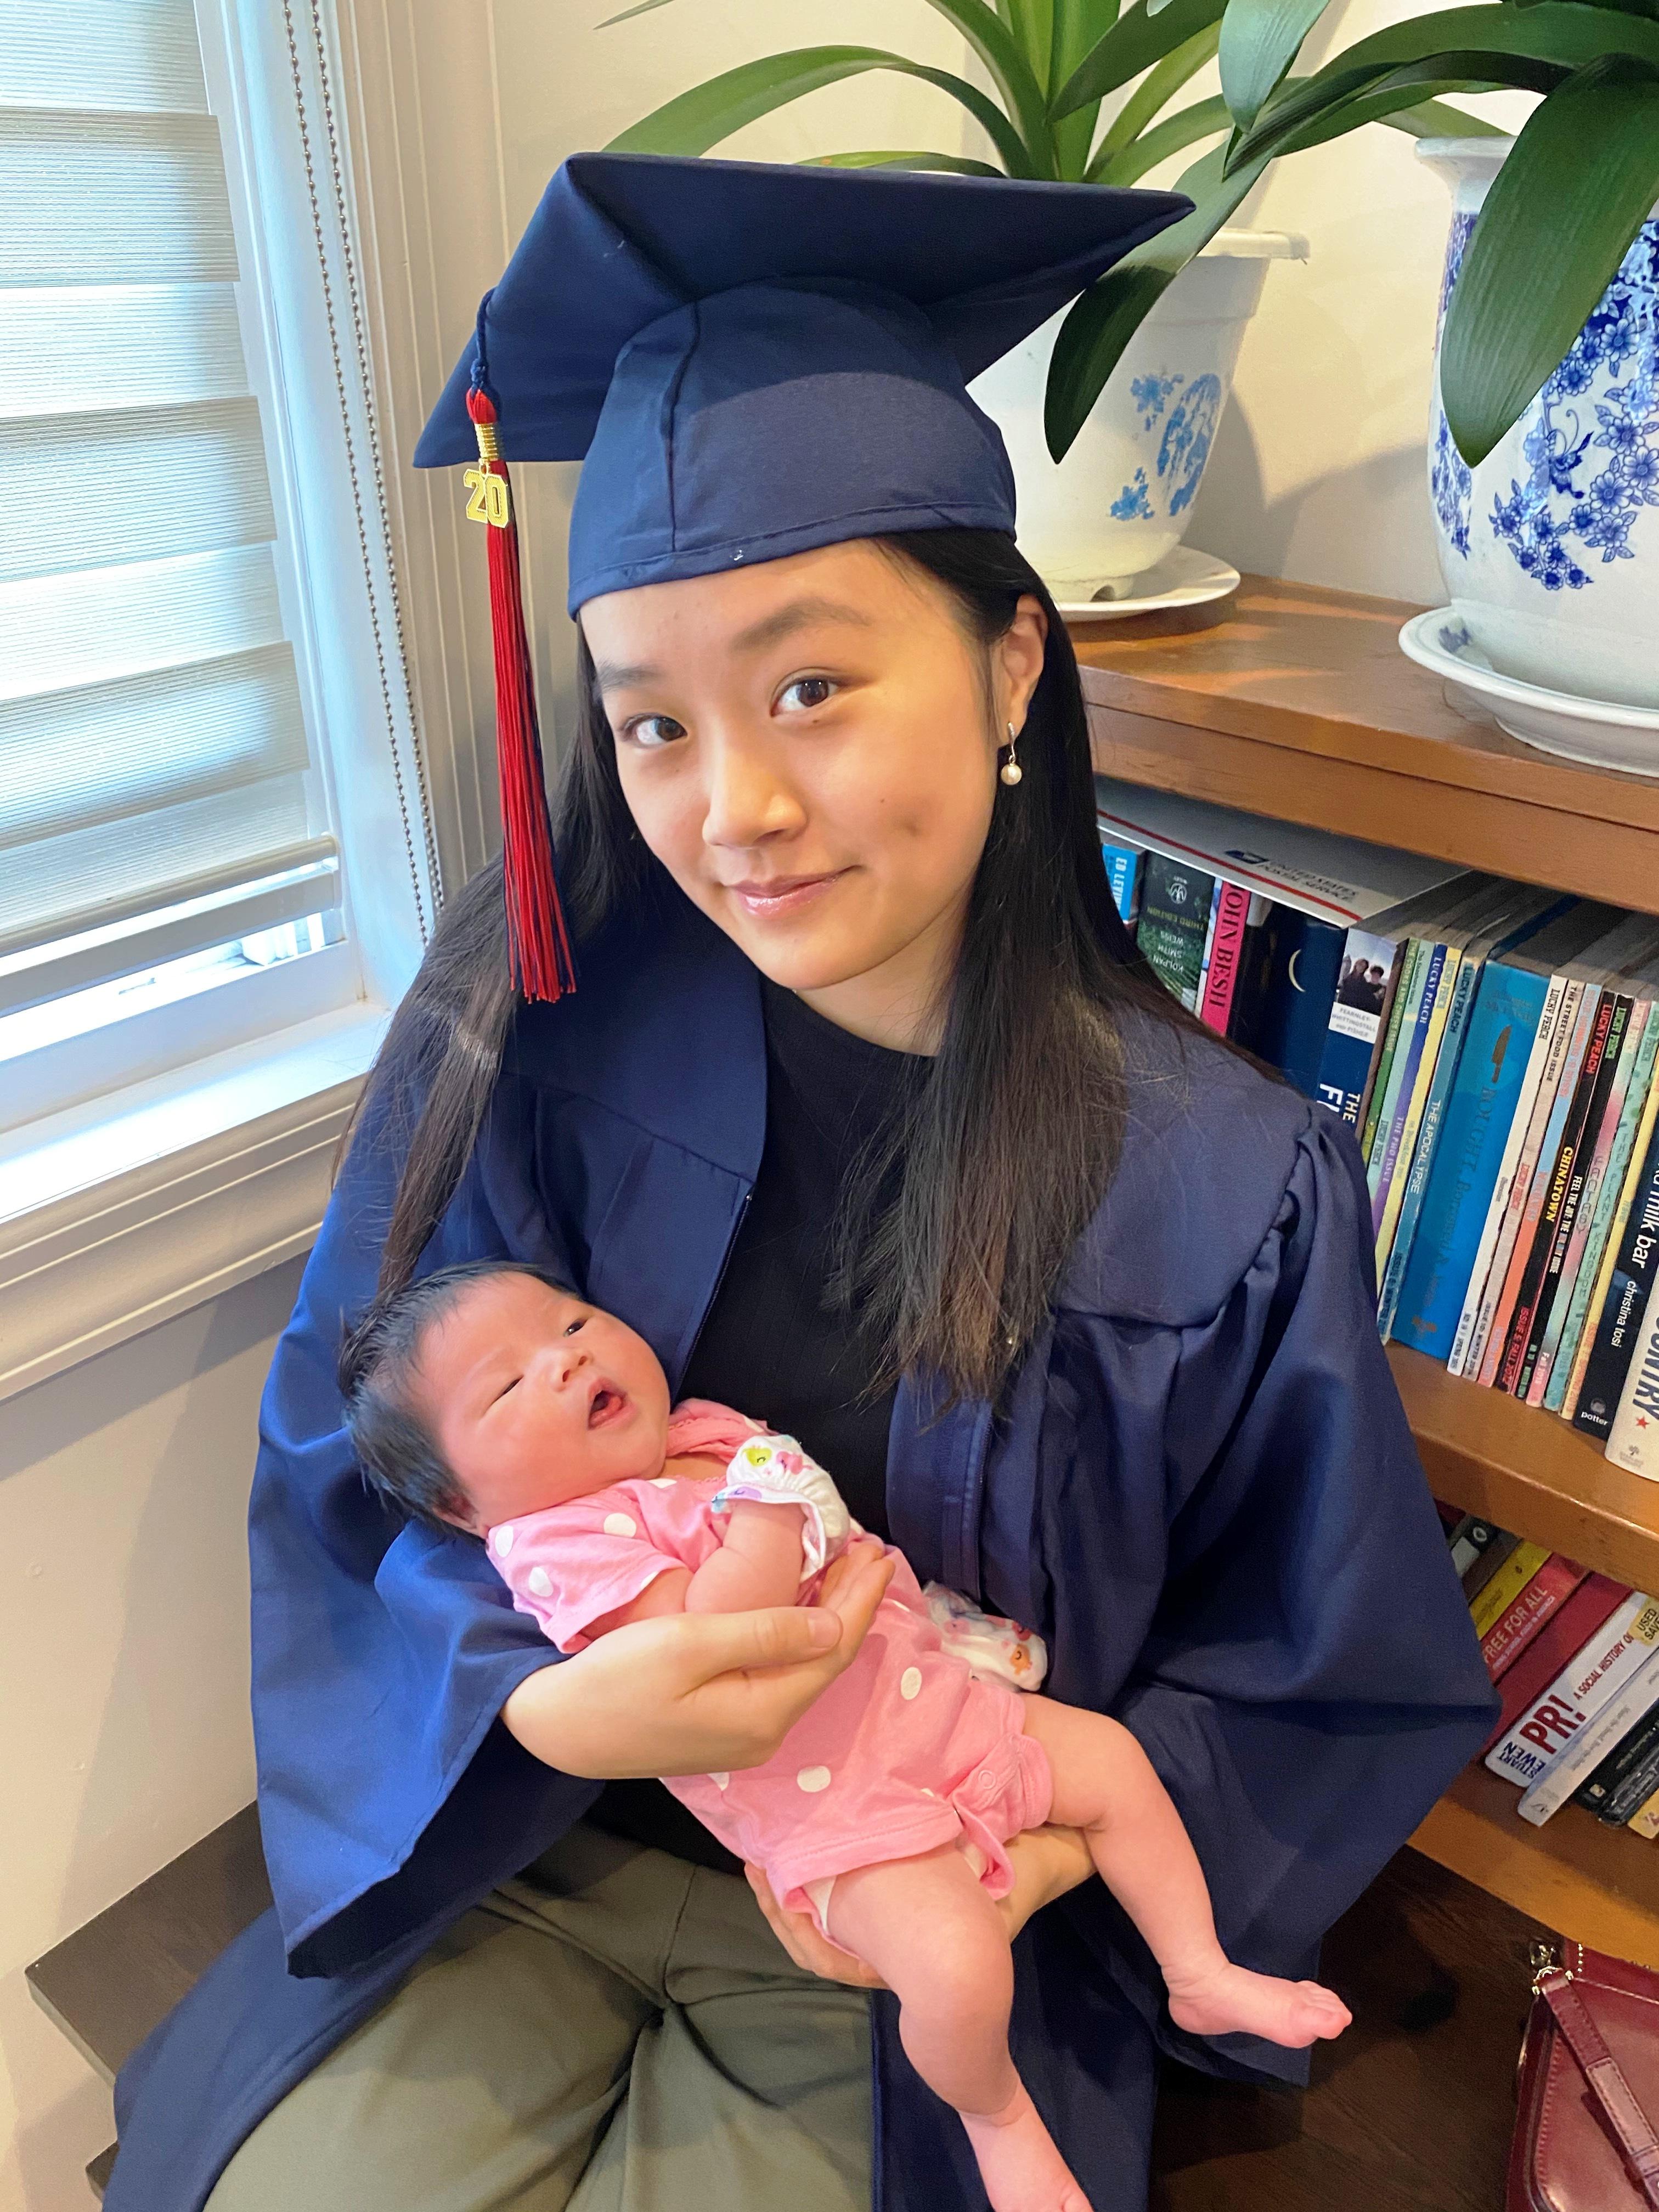 陳詩敏將在秋季到耶魯大學就學,希望透過研究數據與公共衛生,在治癒疾病尋求突破。(陳詩敏提供)